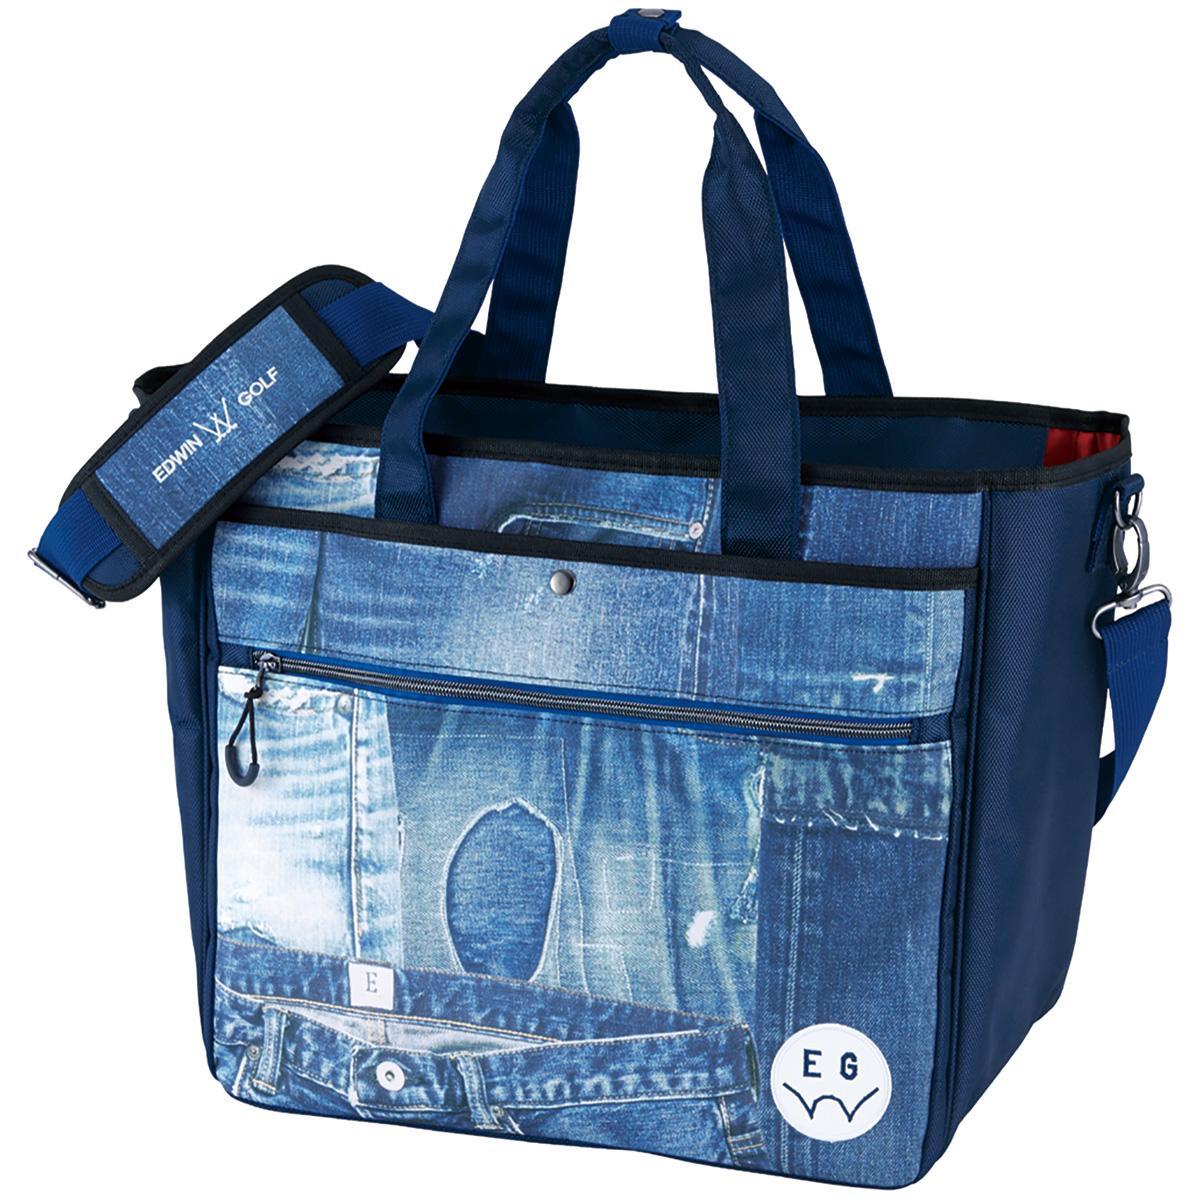 13時までであす楽対応 送料無料 ディスカウント エドウイン 激安セール EDWIN トートバッグ